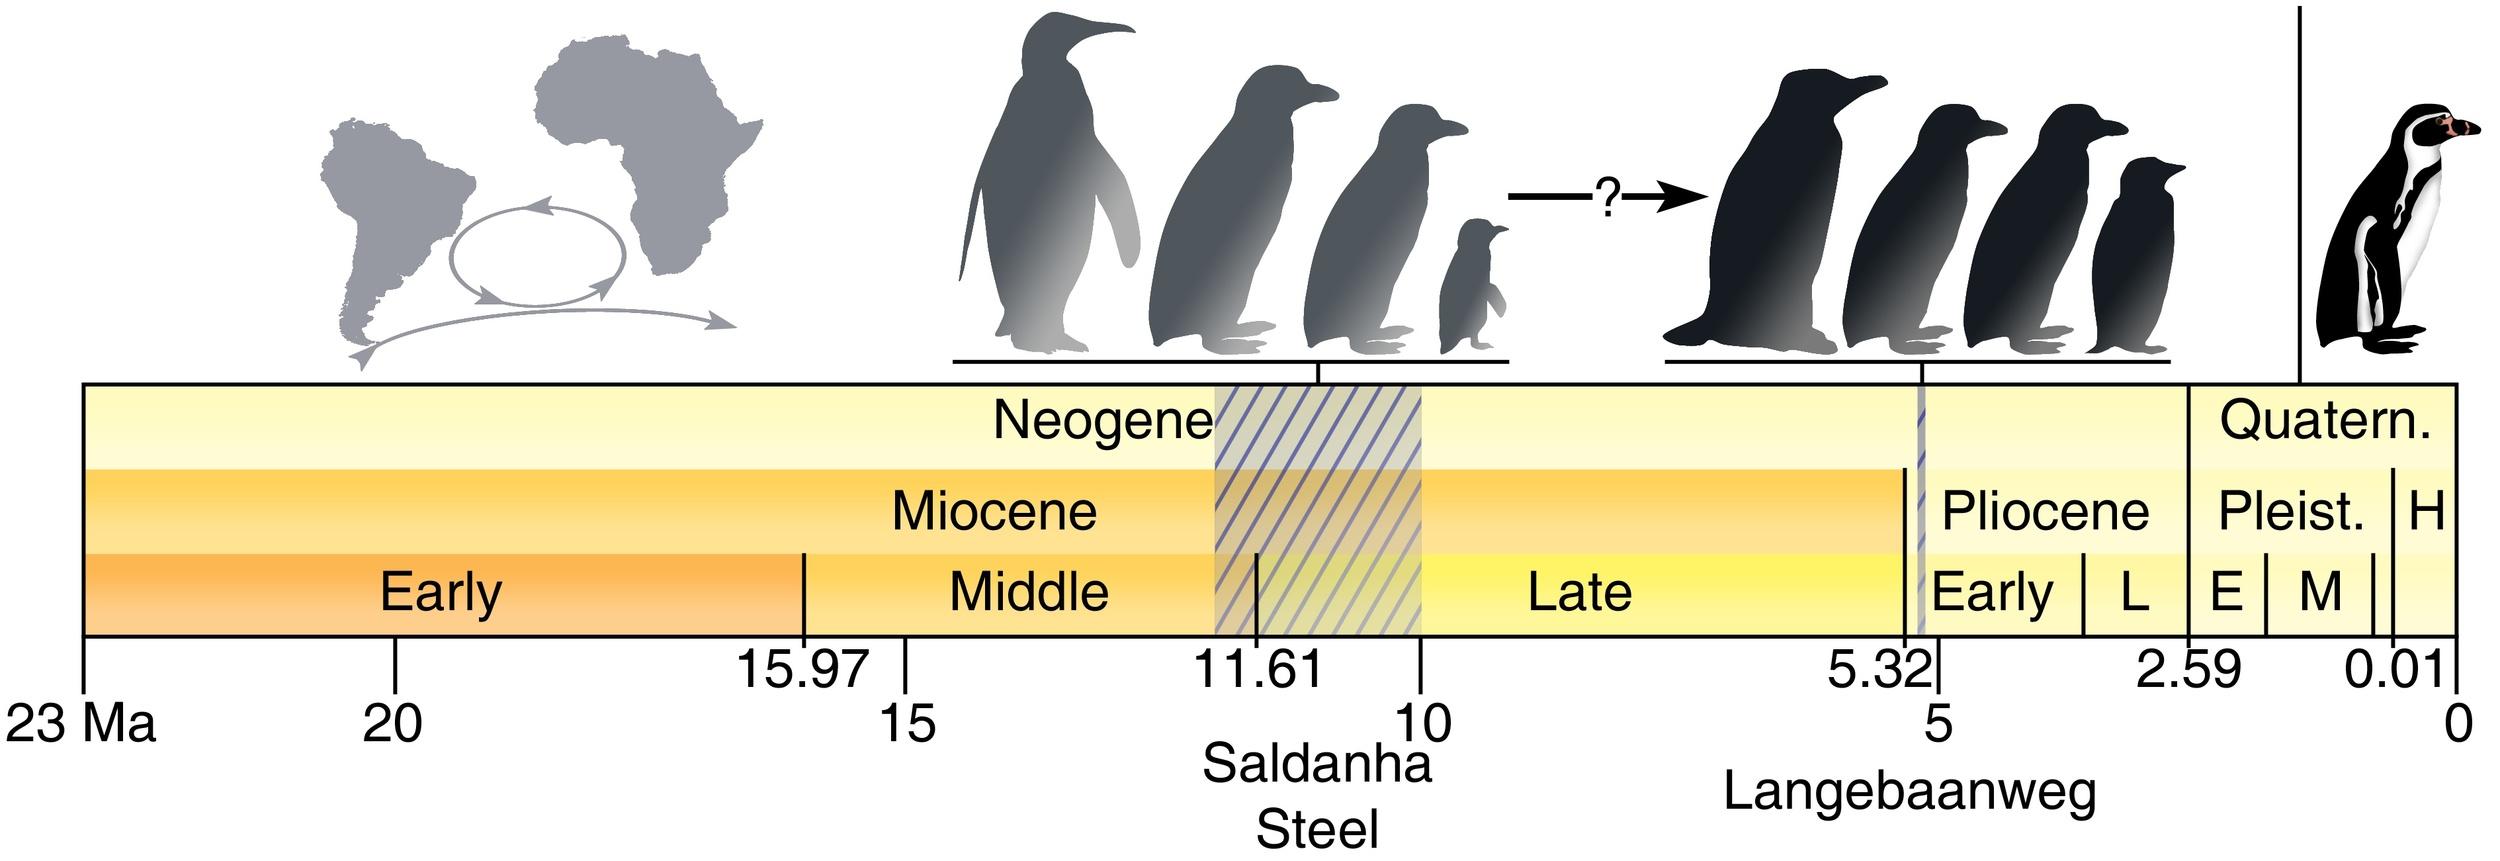 A timeline of African penguin diversity form Thomas & Ksepka (2014)